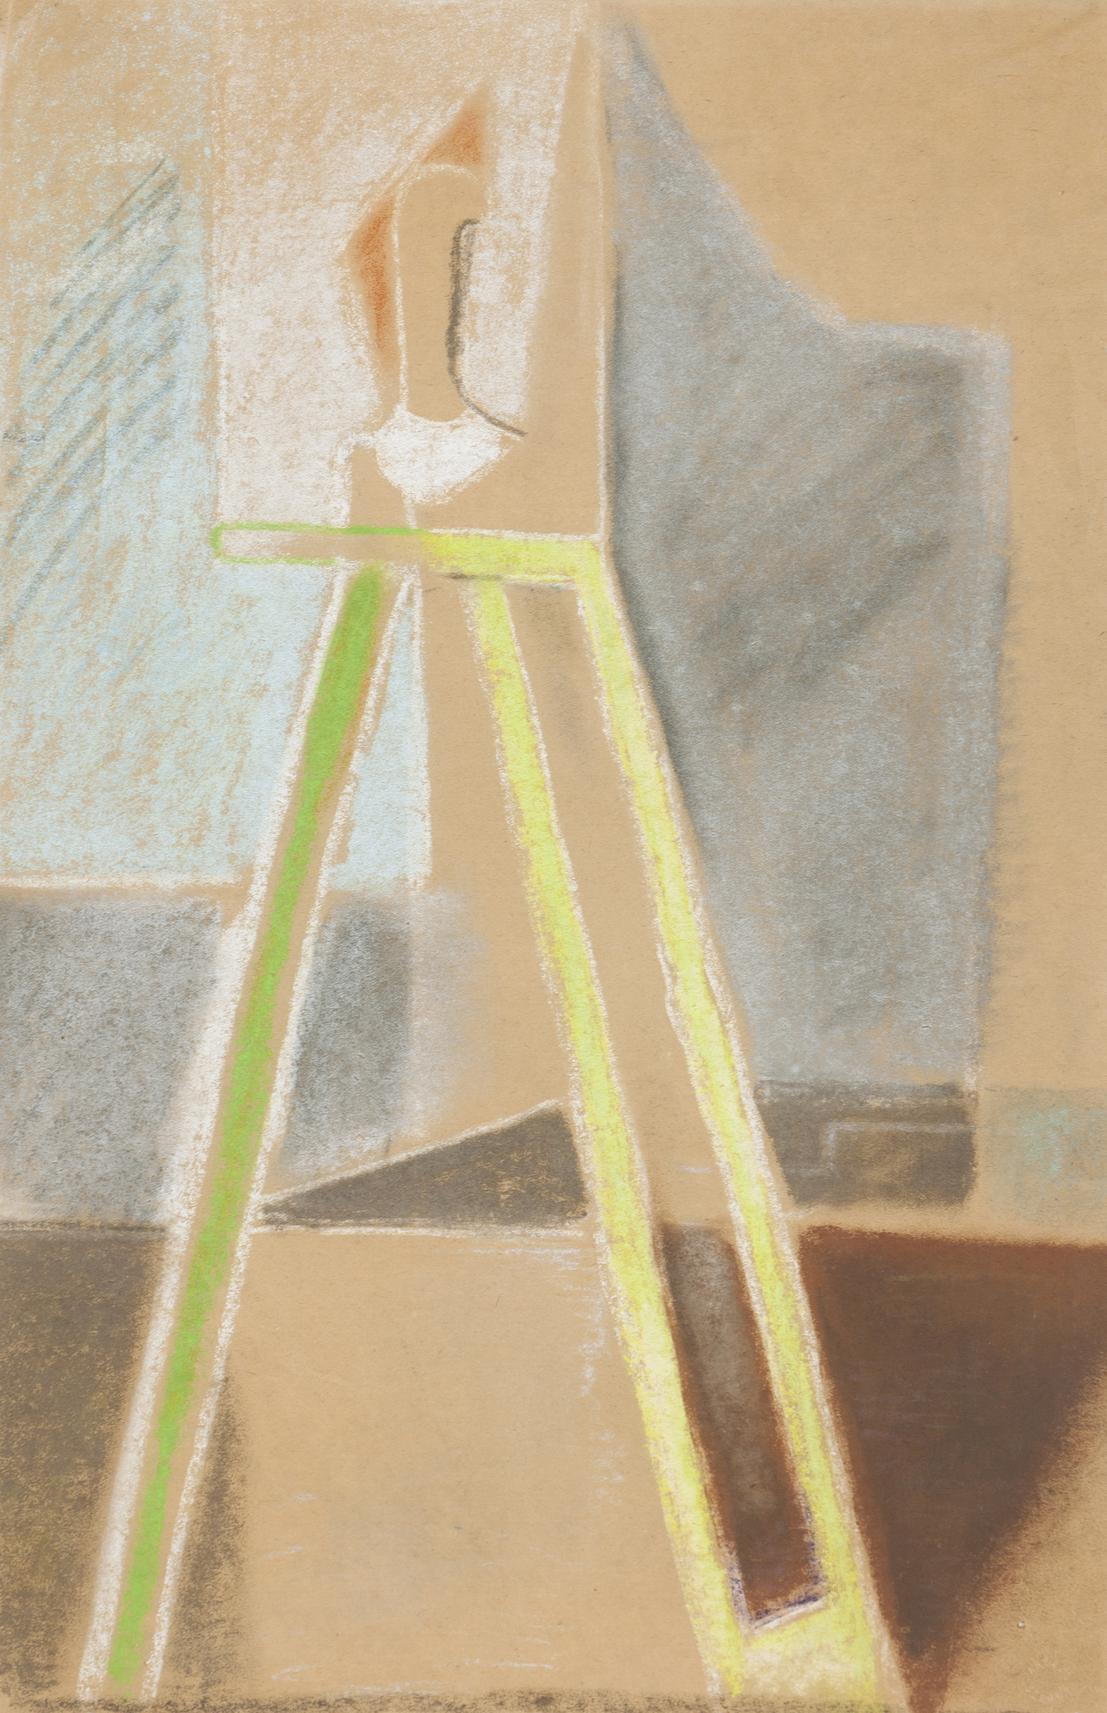 Arpad Szenes-Untitled-1993